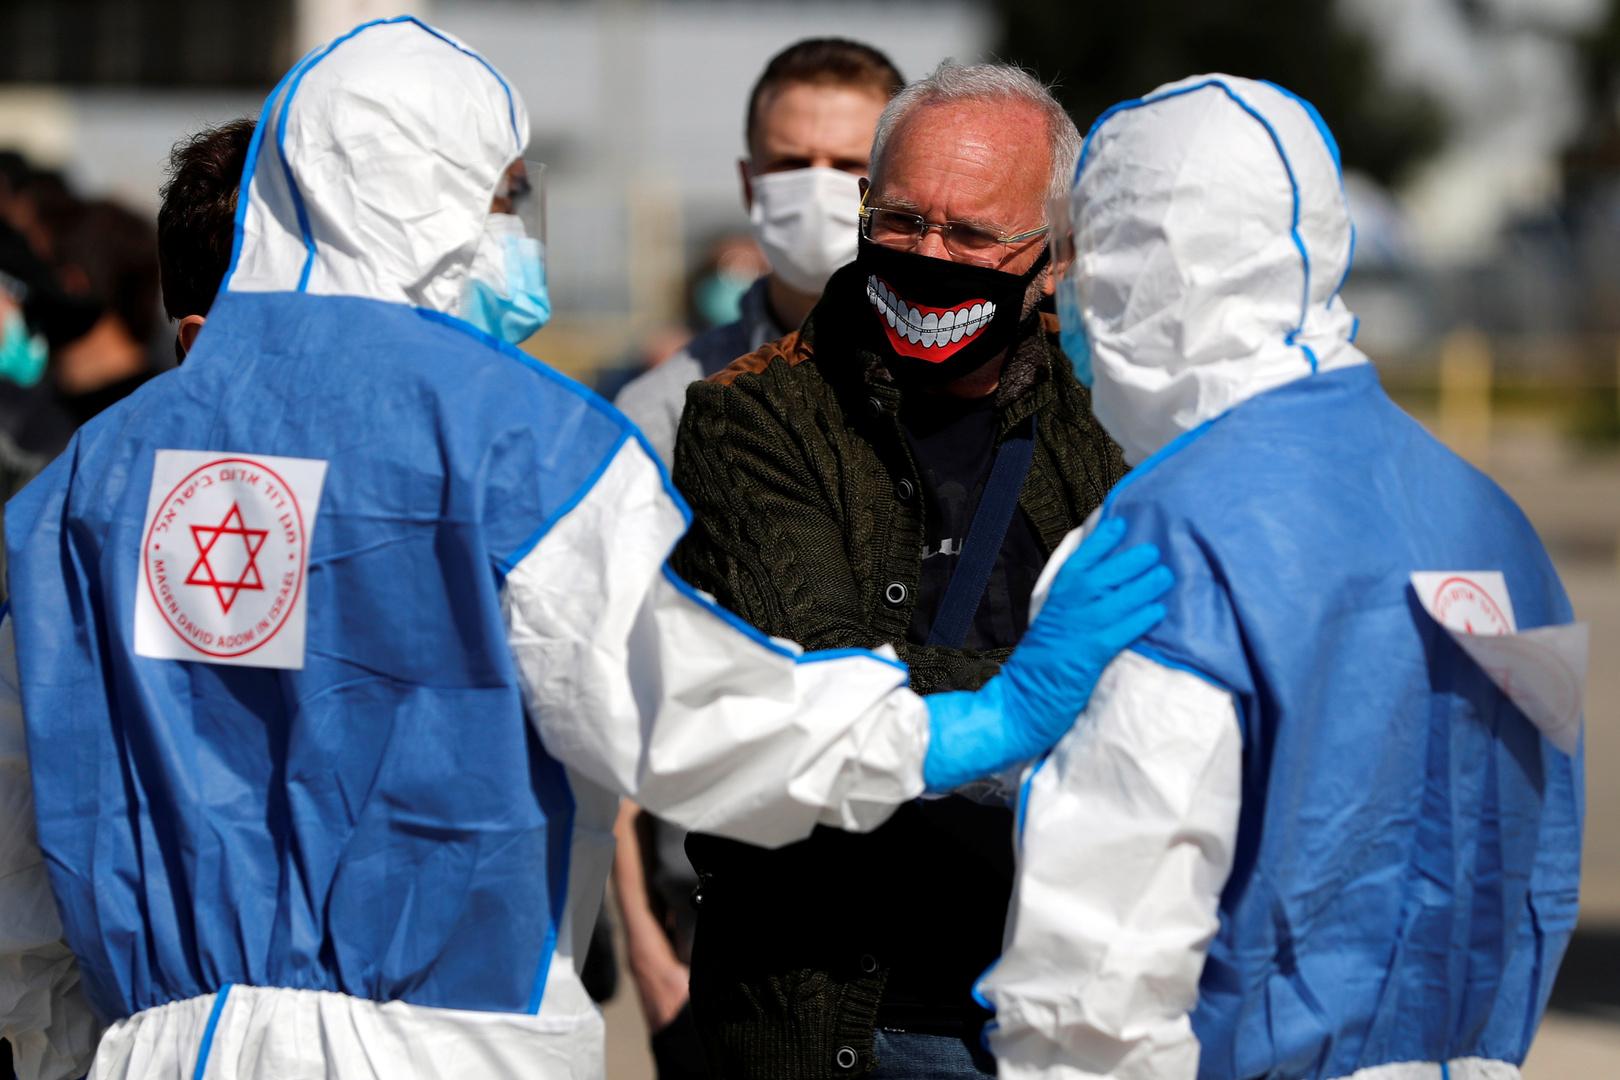 إسرائيل.. حصيلة الوفيات بكورونا تبلغ 79 وإجمالي عدد الإصابات يقترب من الـ10 آلاف